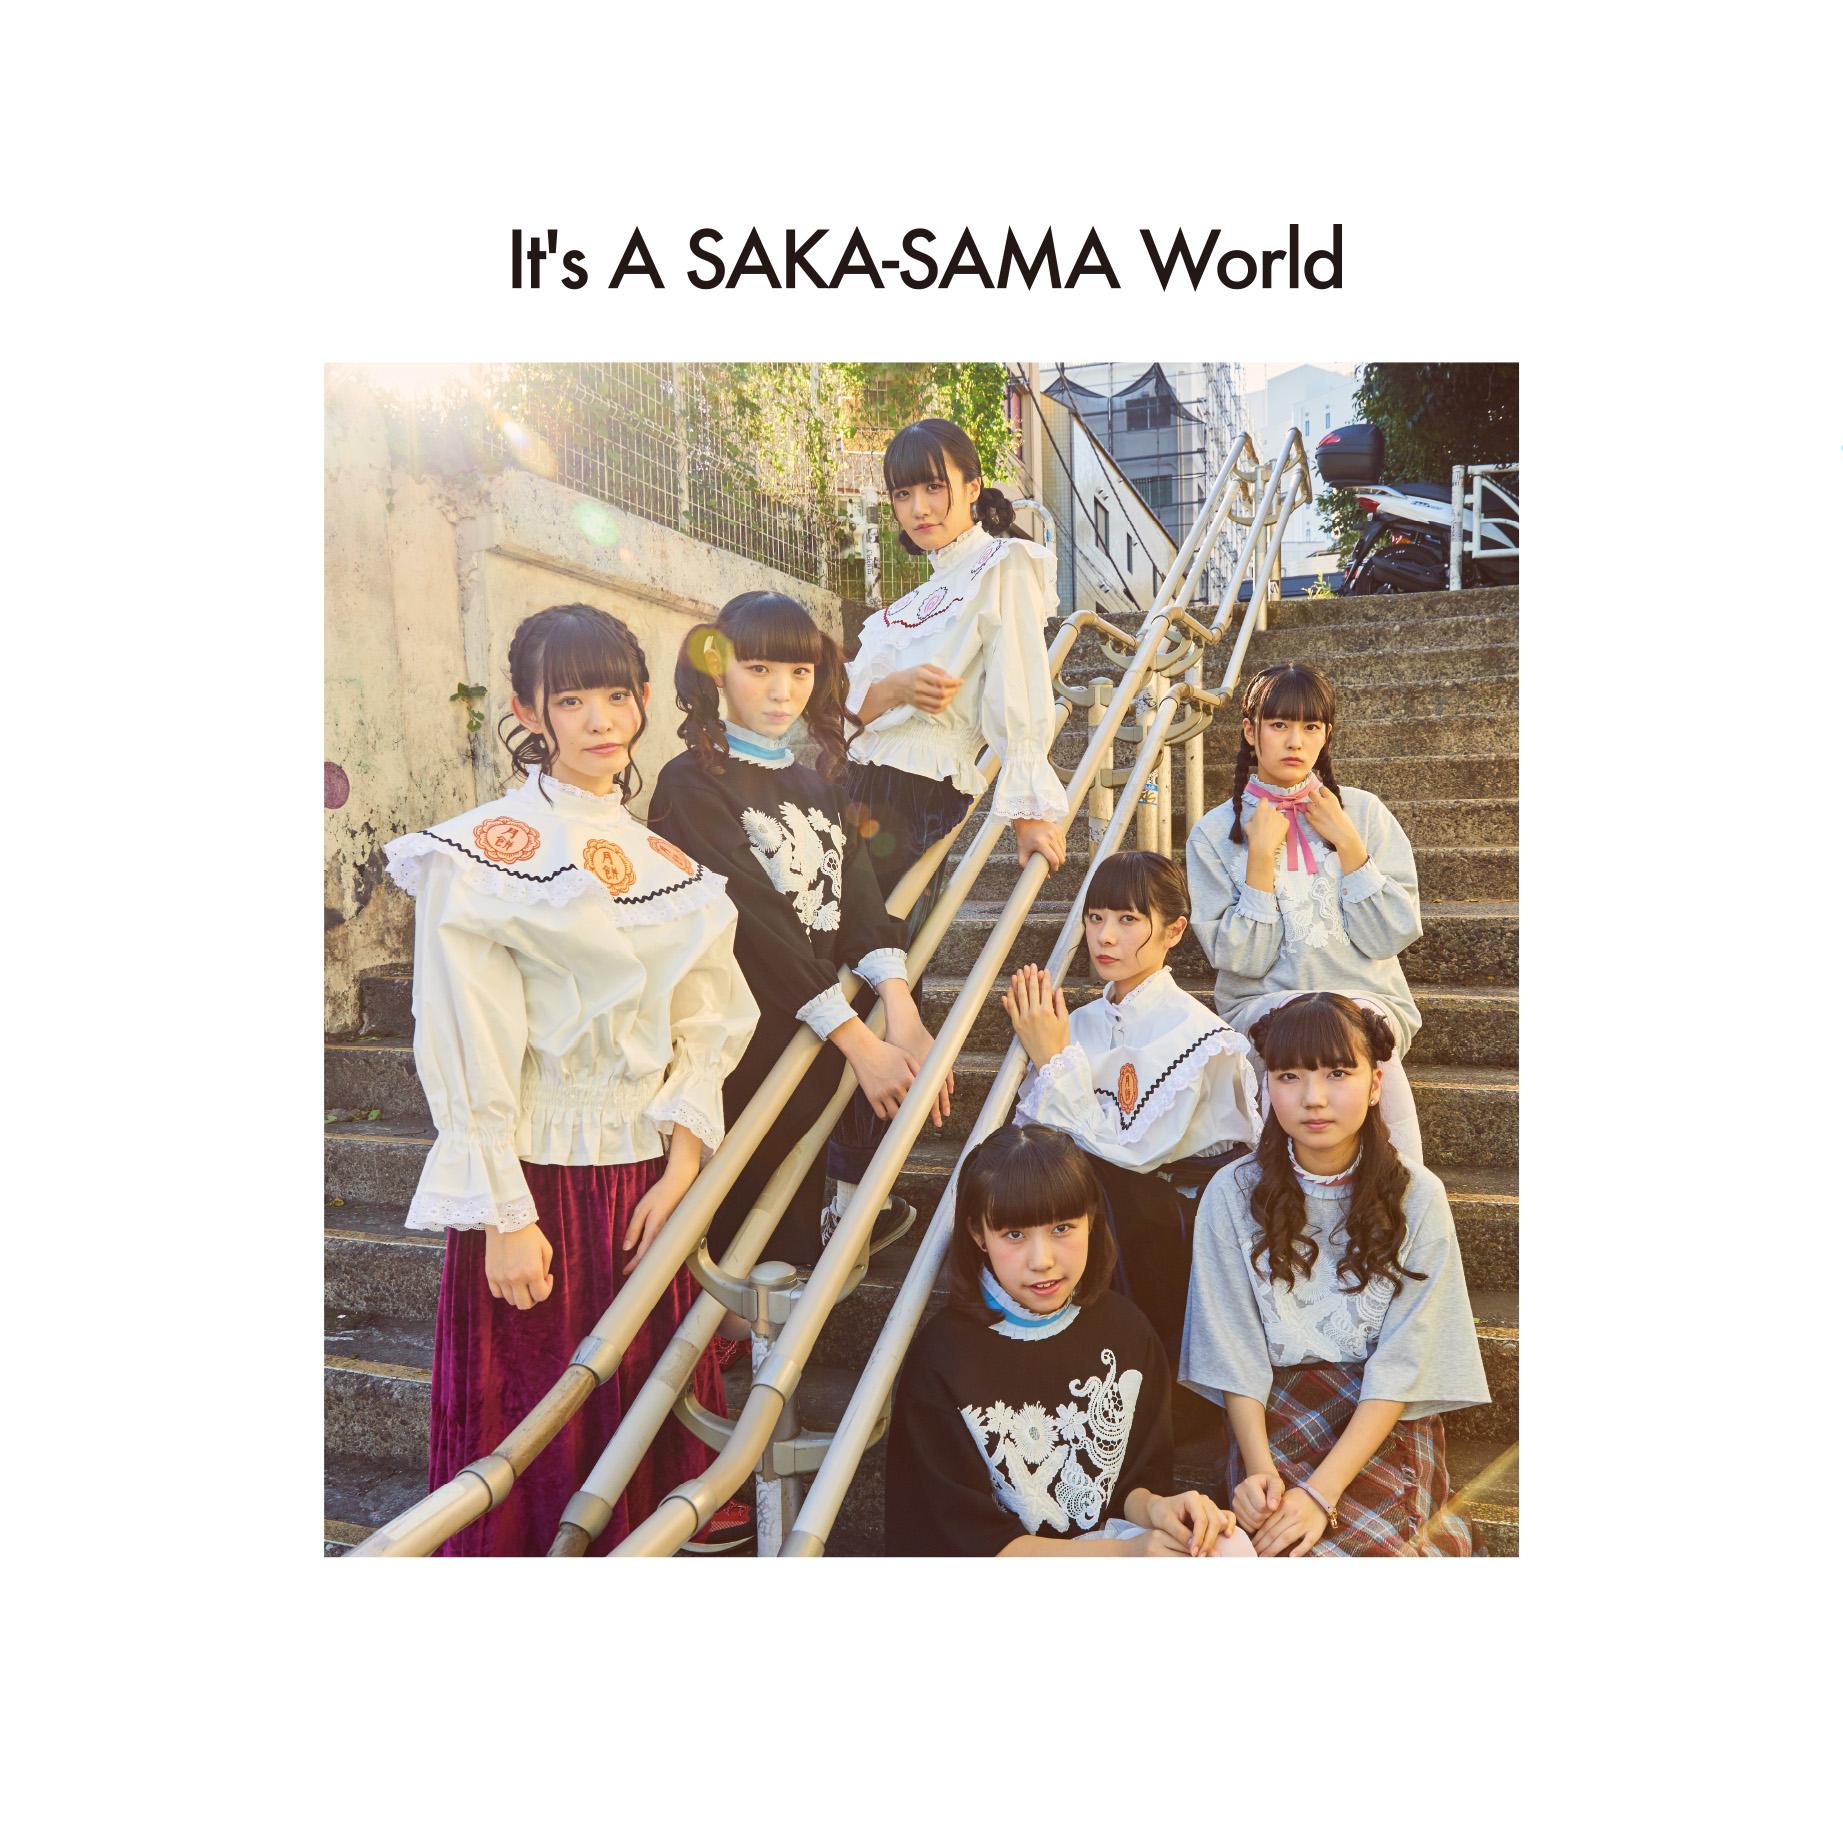 SAKA-SAMAが1stアルバム「It's A SAKA-SAMA World」のジャケットを公開!レコ発ツアー、イベント日程も決定